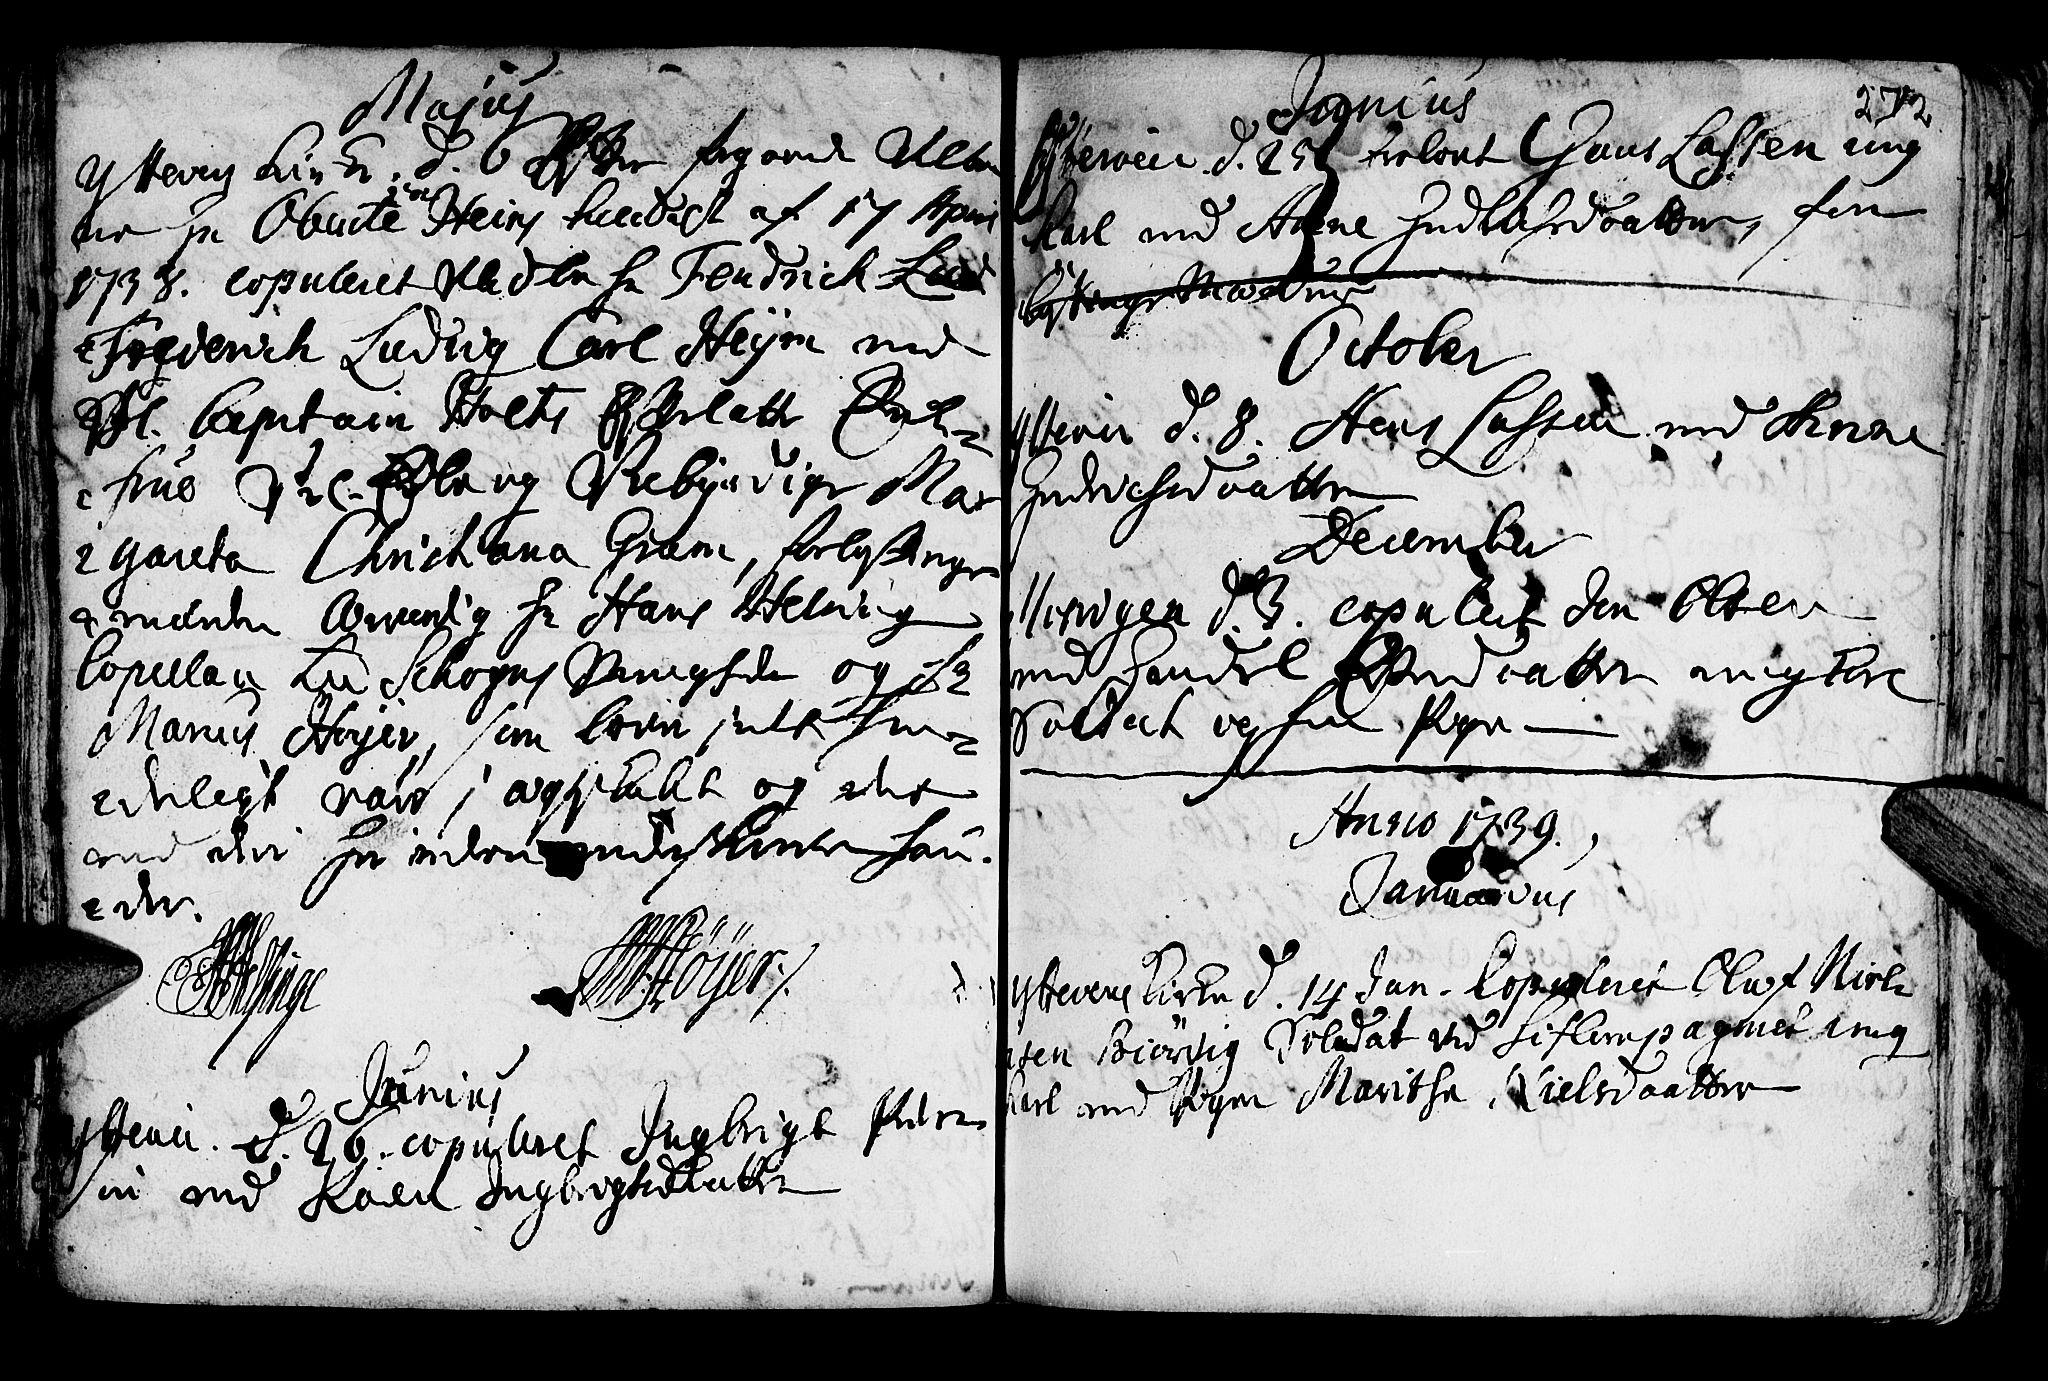 SAT, Ministerialprotokoller, klokkerbøker og fødselsregistre - Nord-Trøndelag, 722/L0215: Ministerialbok nr. 722A02, 1718-1755, s. 272